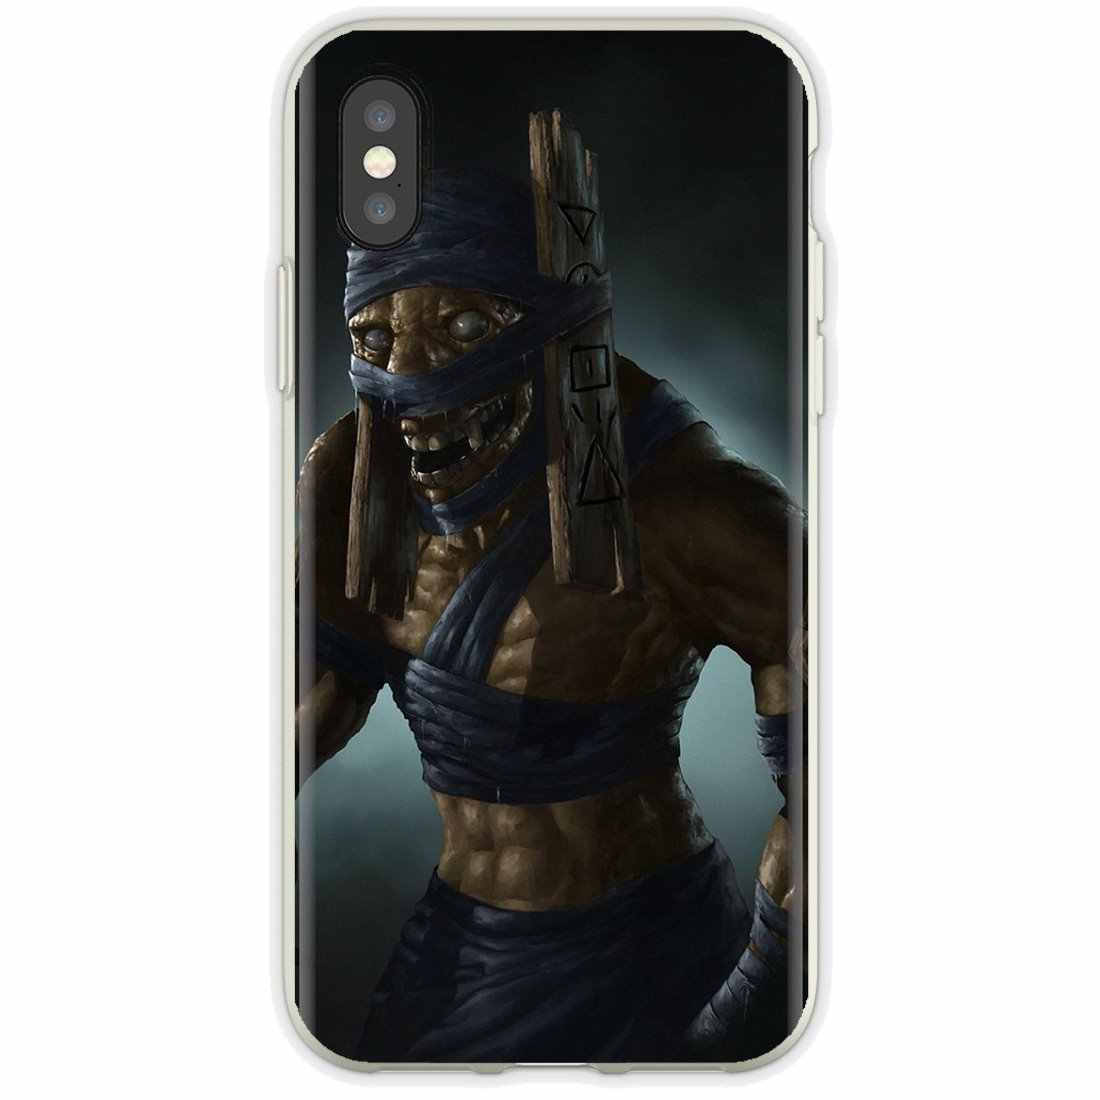 Ốp Lưng Mềm Nhà Ở Cho Samsung Galaxy A10 A30 A40 A50 A60 A70 S6 Hoạt Động Note 10 Plus Edge M30 Bóng pháp Sư Rhasta Dota 2